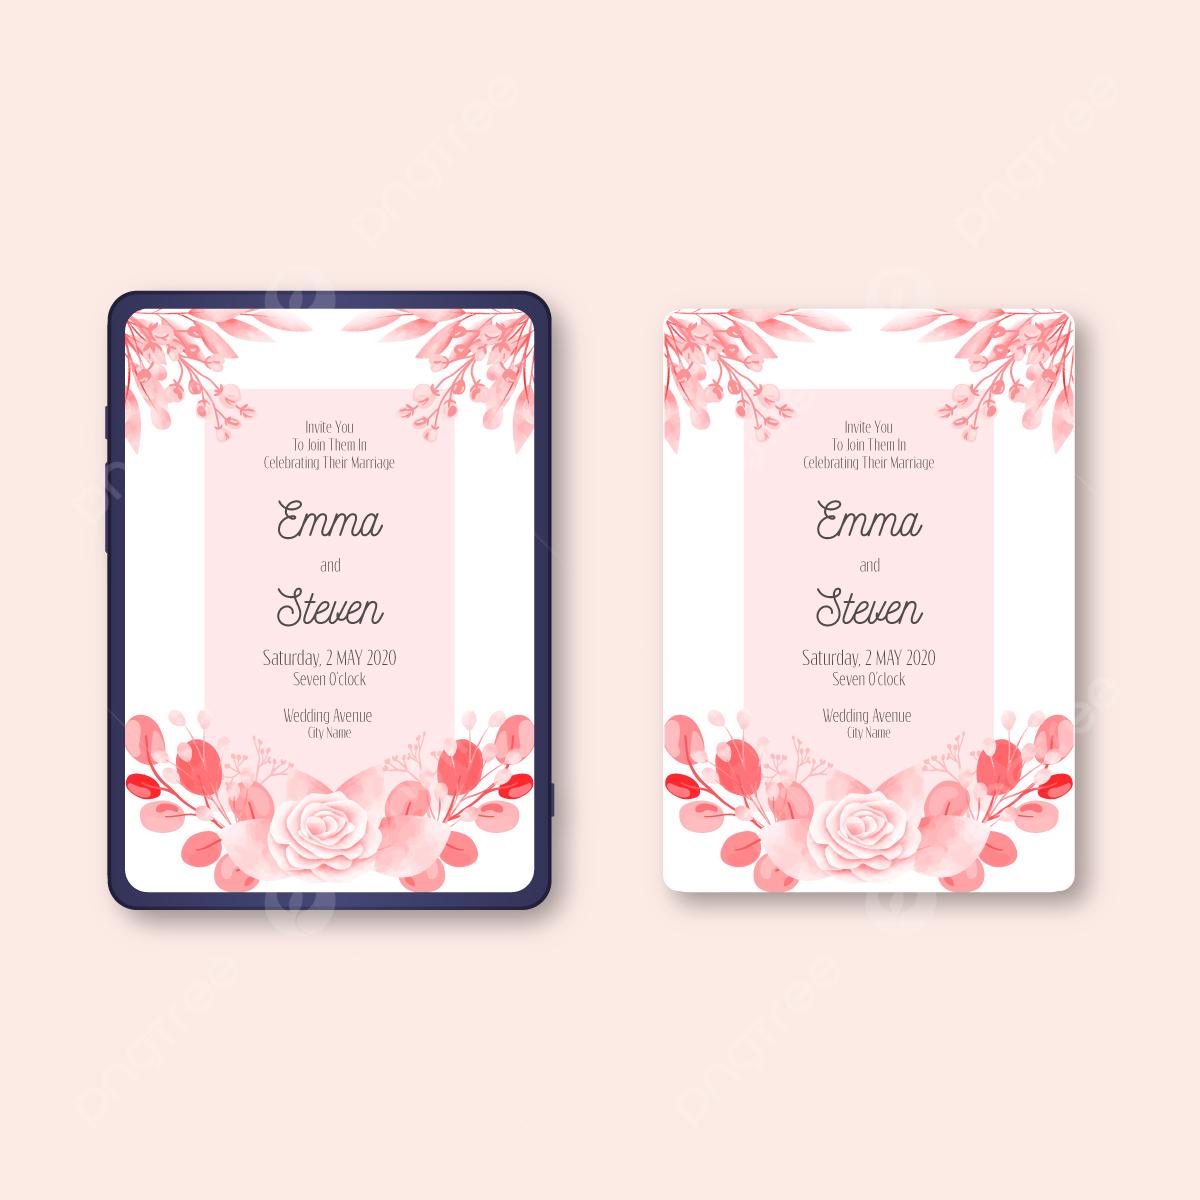 Pink Flora Mewah Indah Romantis Template Undangan Pernikahan Elektronik Vektor Dengan Cat Air Templat Untuk Unduh Gratis Di Pngtree